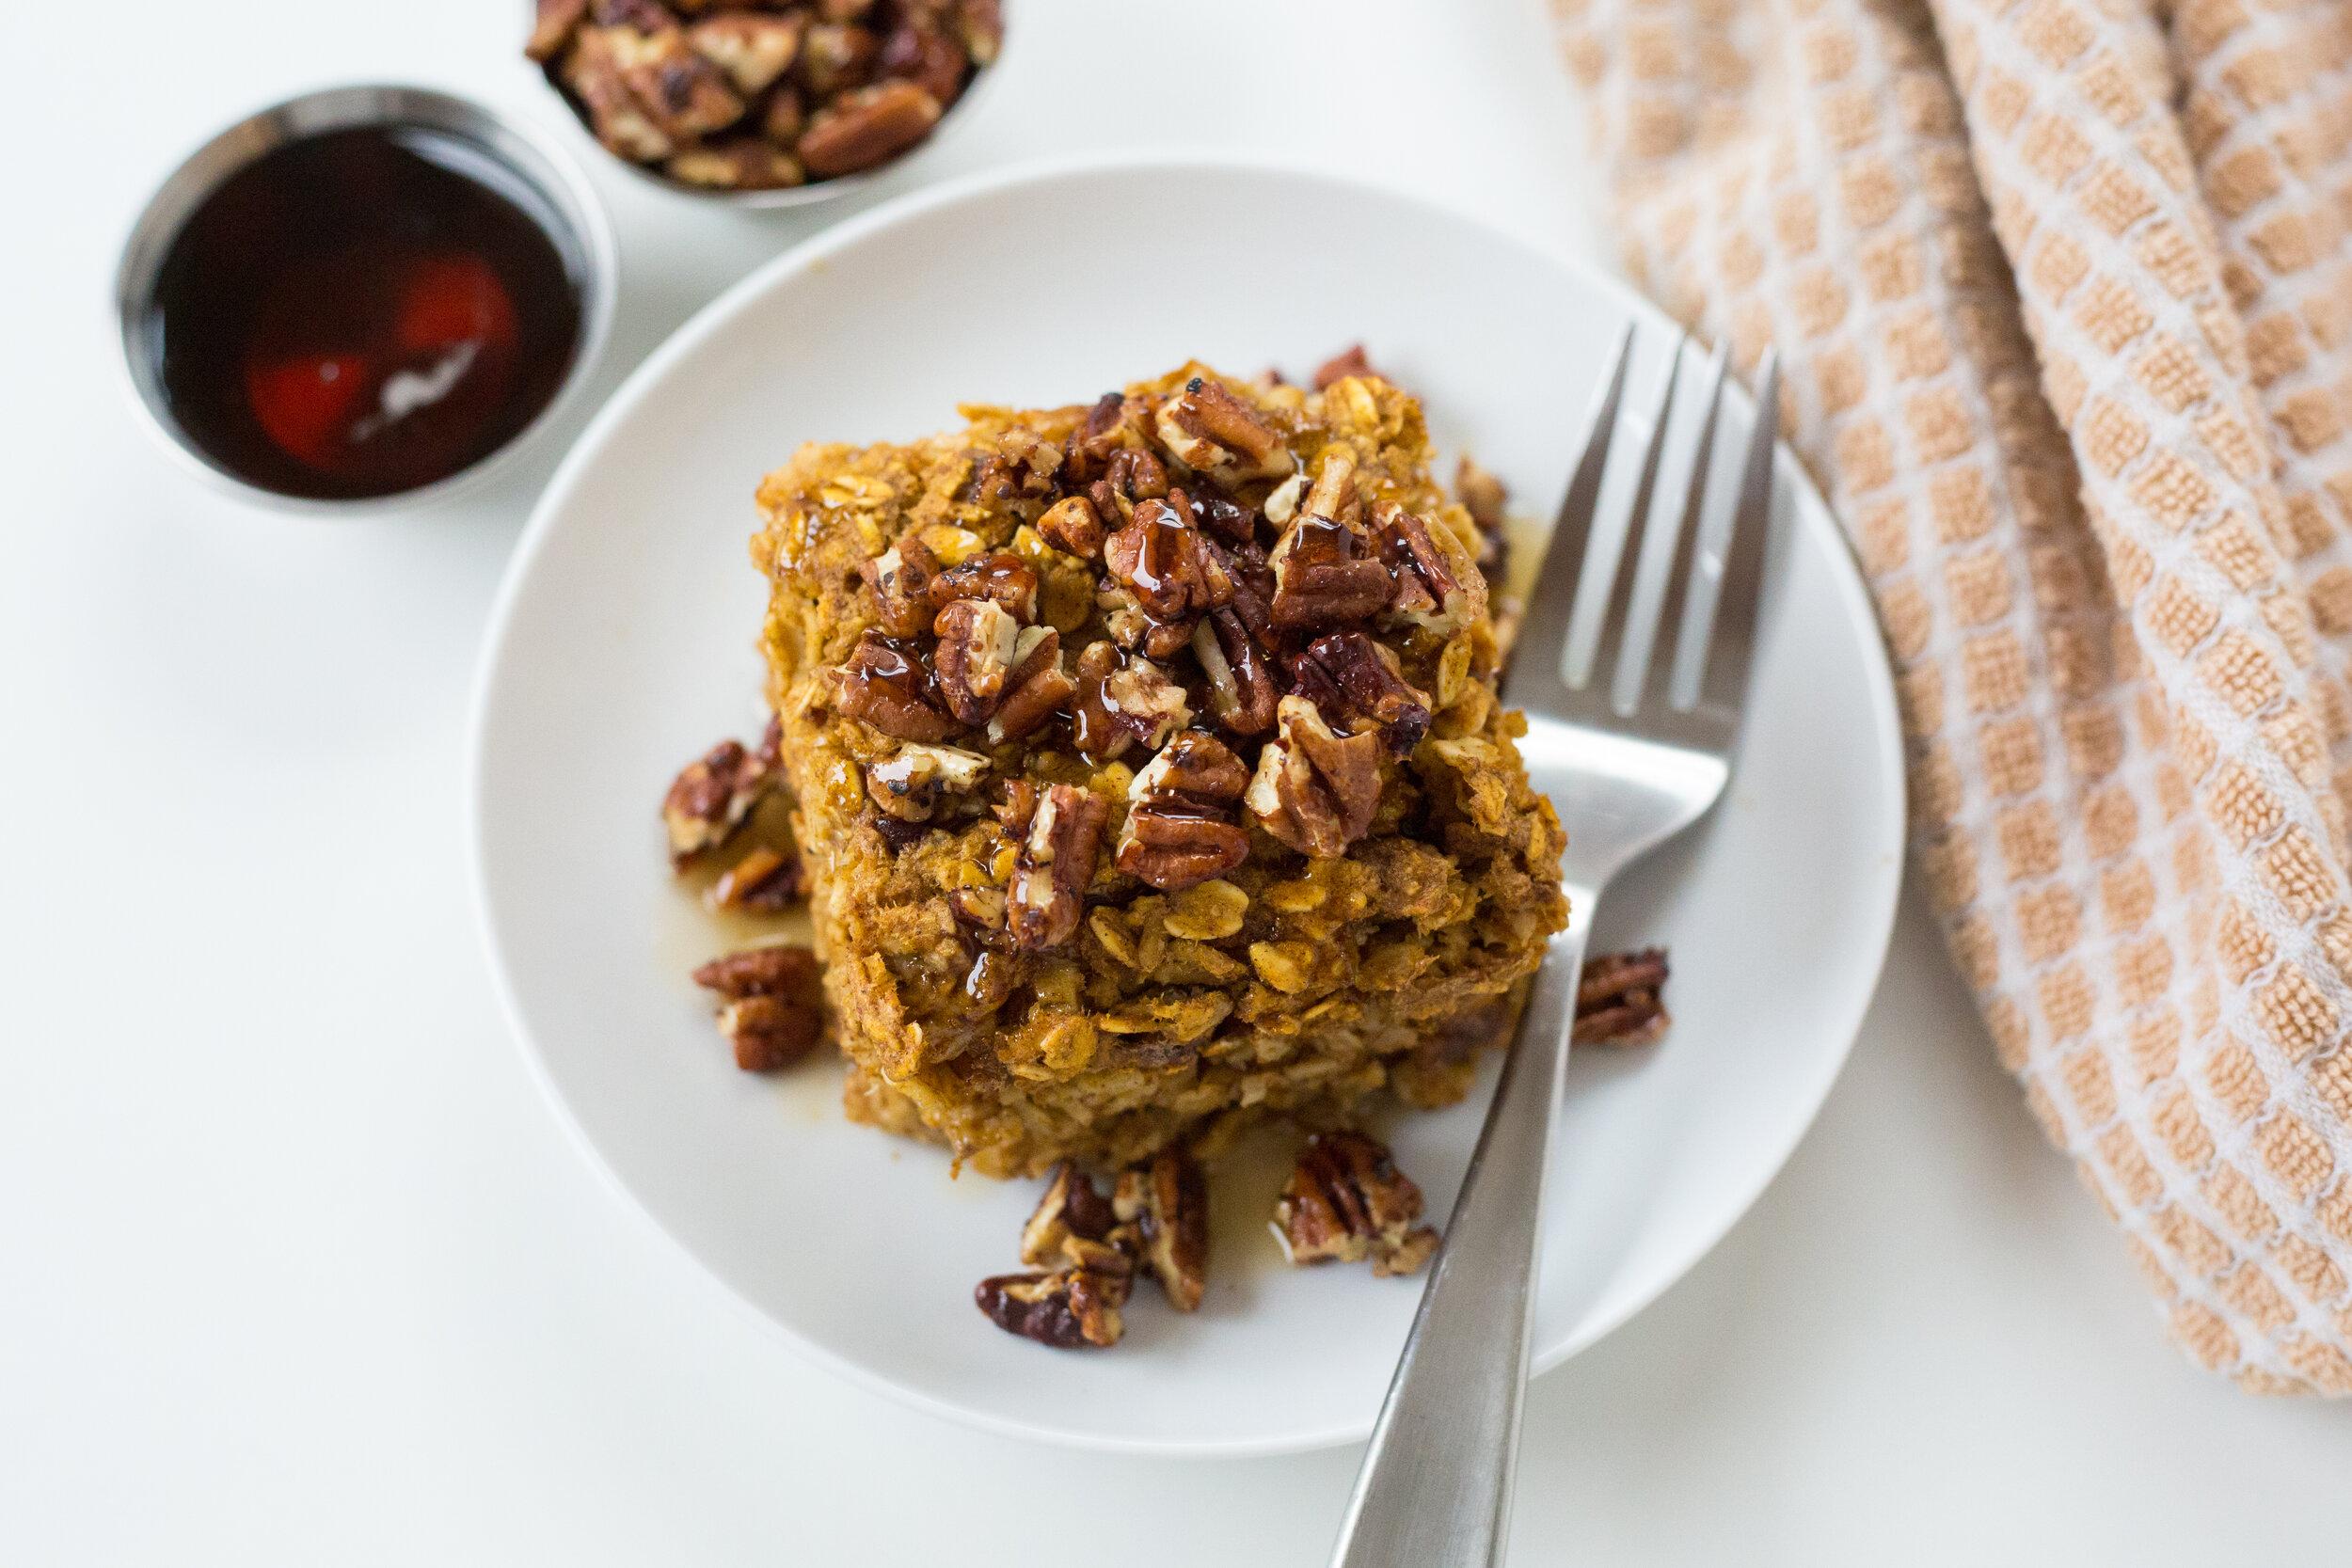 Recipe, Breakfast Recipe, Pumpkin Spice, Pumpkin Spice Oatmeal Bake, Gluten Free, Dairy Free, Fall Recipes, Define Fettle